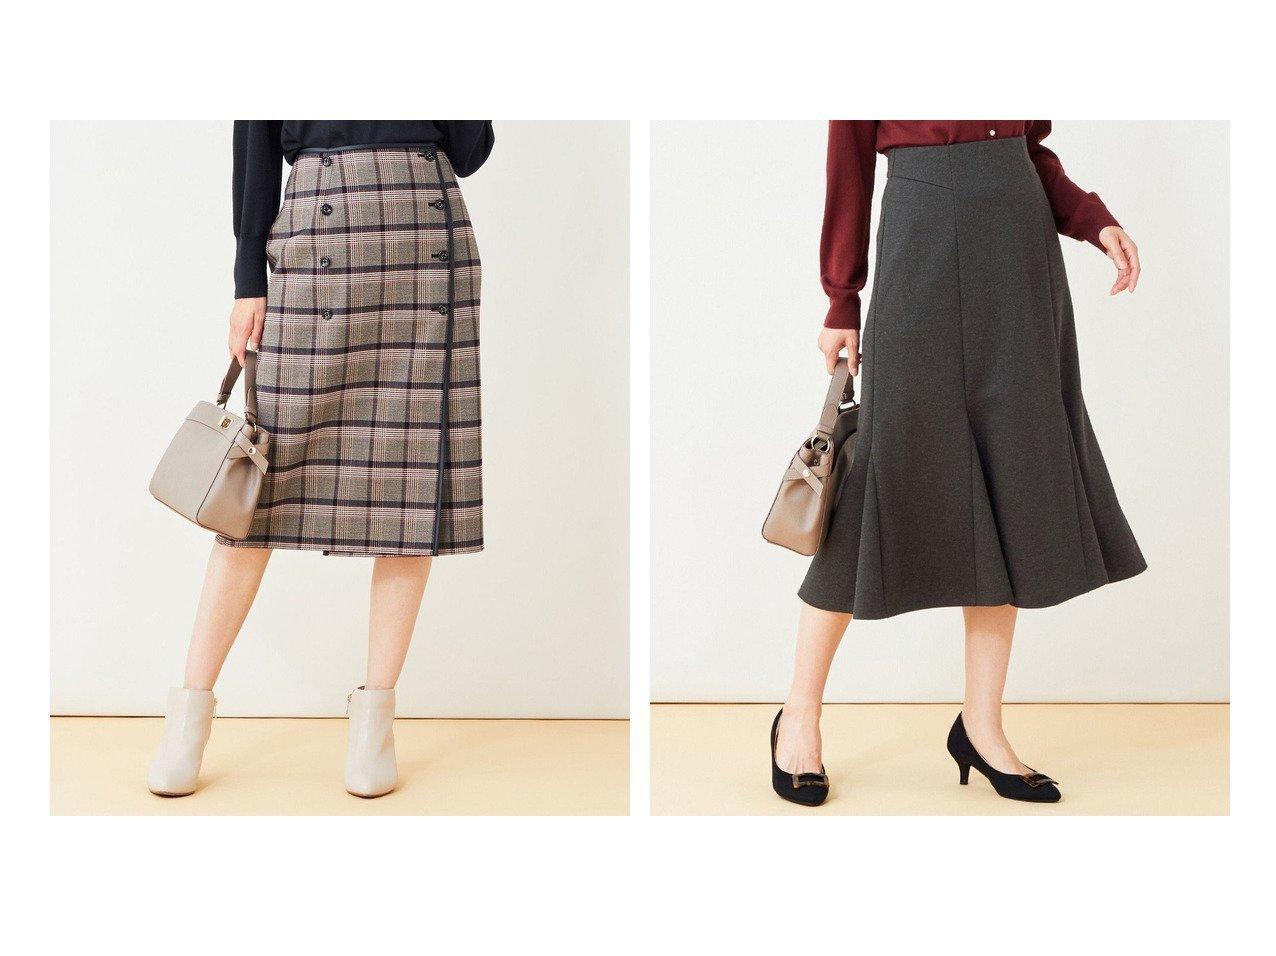 【any SiS/エニィ スィス】の【洗える】ジャージーマーメイド スカート&【2WAY】パイピングリバーシブル スカート 【スカート】おすすめ!人気、トレンド・レディースファッションの通販 おすすめで人気の流行・トレンド、ファッションの通販商品 インテリア・家具・メンズファッション・キッズファッション・レディースファッション・服の通販 founy(ファニー) https://founy.com/ ファッション Fashion レディースファッション WOMEN スカート Skirt 送料無料 Free Shipping A/W・秋冬 AW・Autumn/Winter・FW・Fall-Winter クラシカル チェック トリミング フロント ブーティ リバーシブル 無地 おすすめ Recommend ジャージー トレンド フレア マーメイド 洗える |ID:crp329100000067247